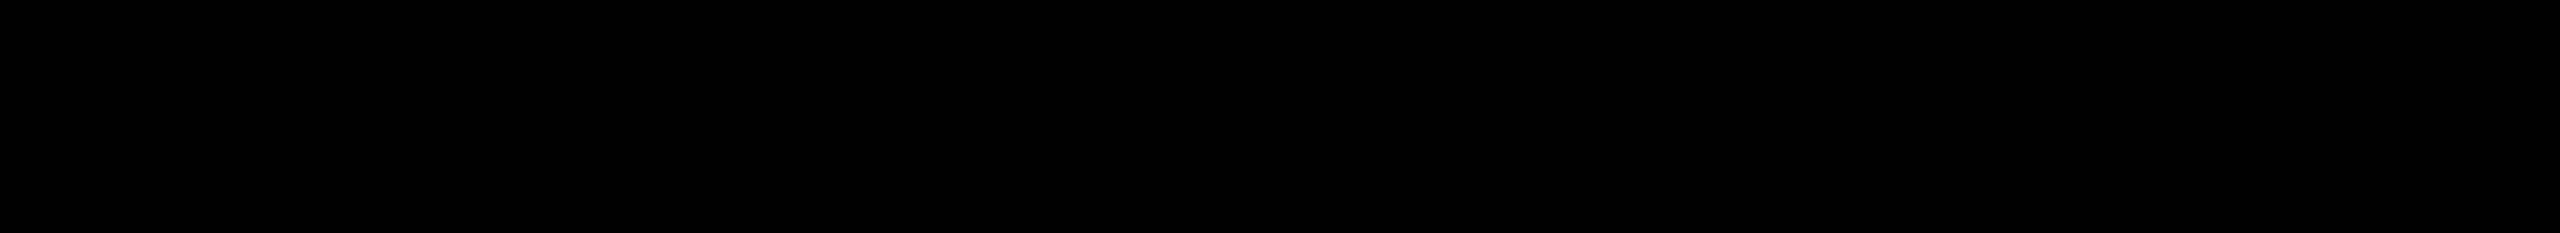 Chihuahua Global